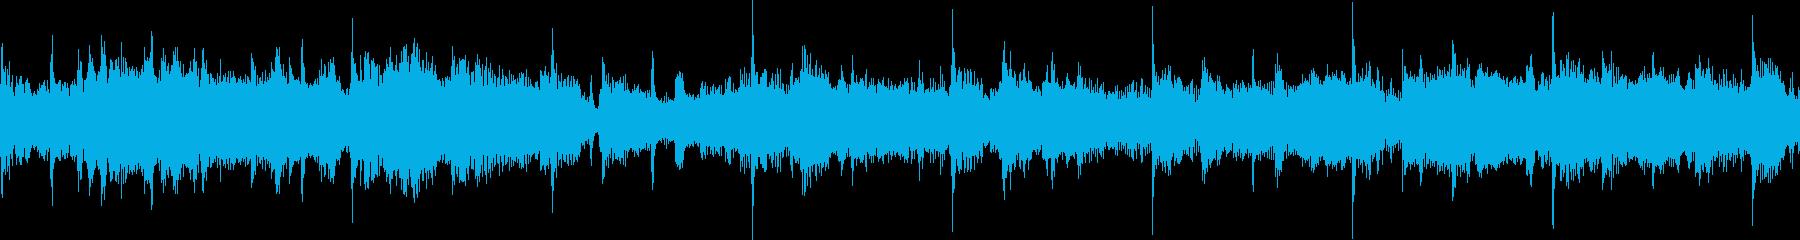 この滑らかでソフトな世界の融合トラ...の再生済みの波形